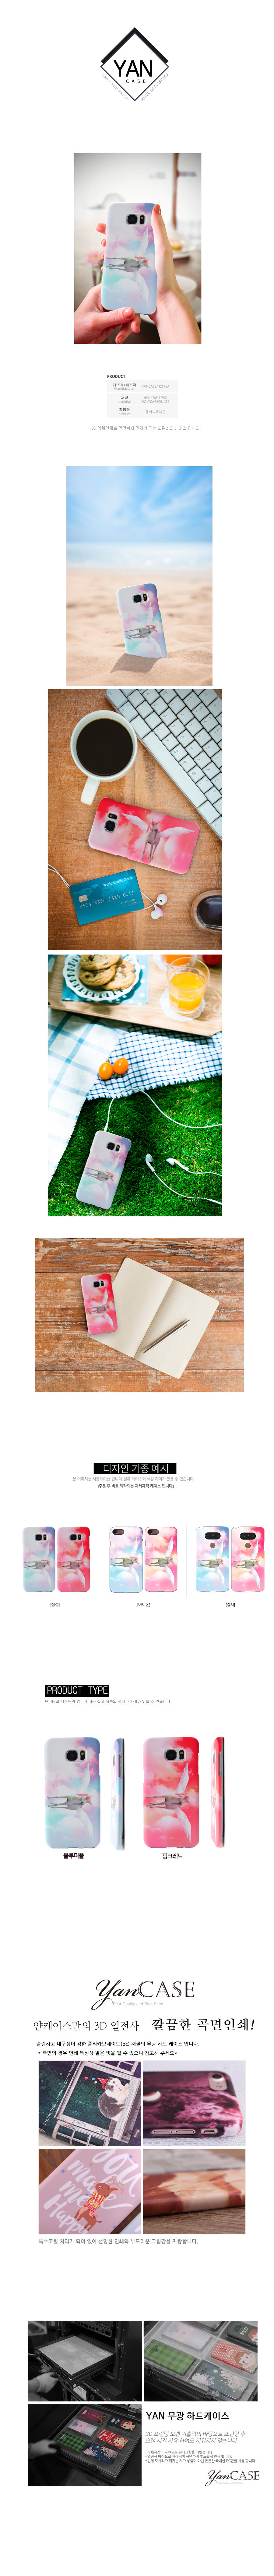 갤럭시노트8 환상 속 유니콘 하드케이스 N950 - 얀케이스2, 13,500원, 케이스, 갤럭시노트8